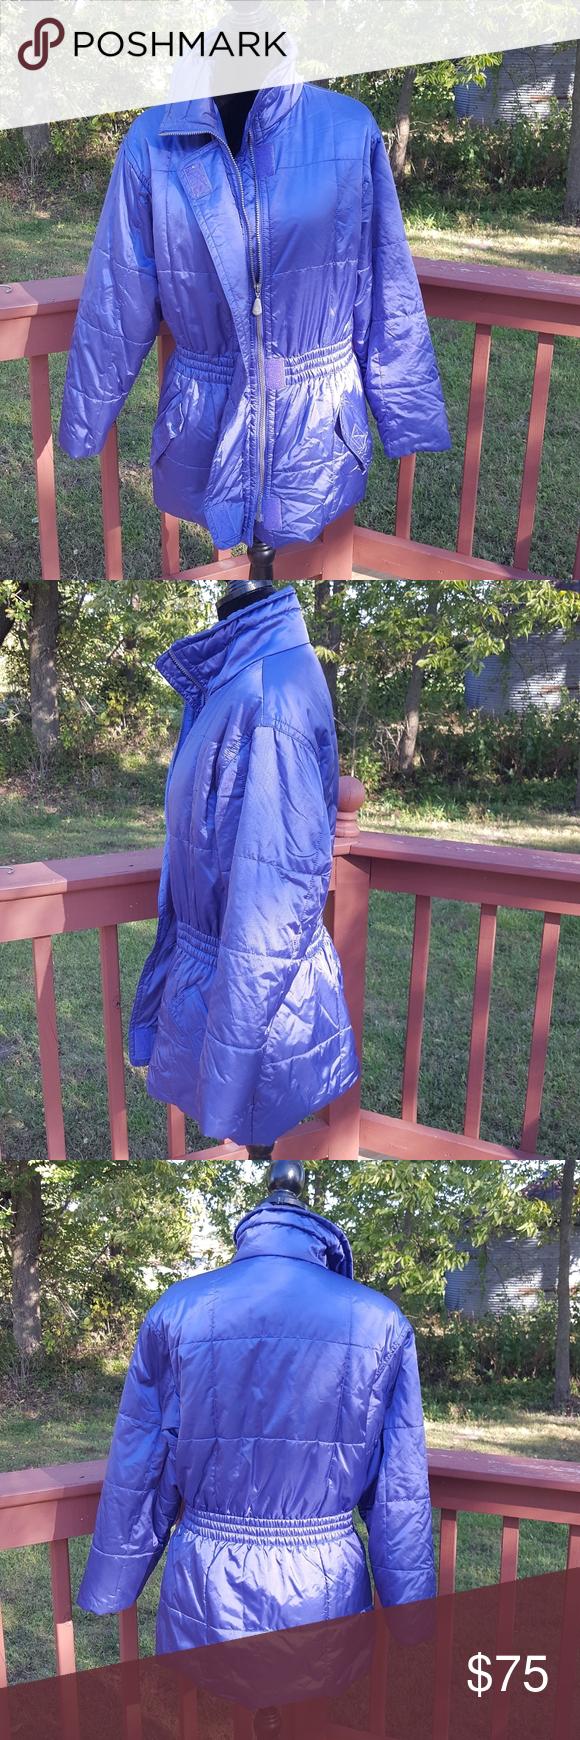 vintage 80s eddie bauer ebtek blue ski jacket coat